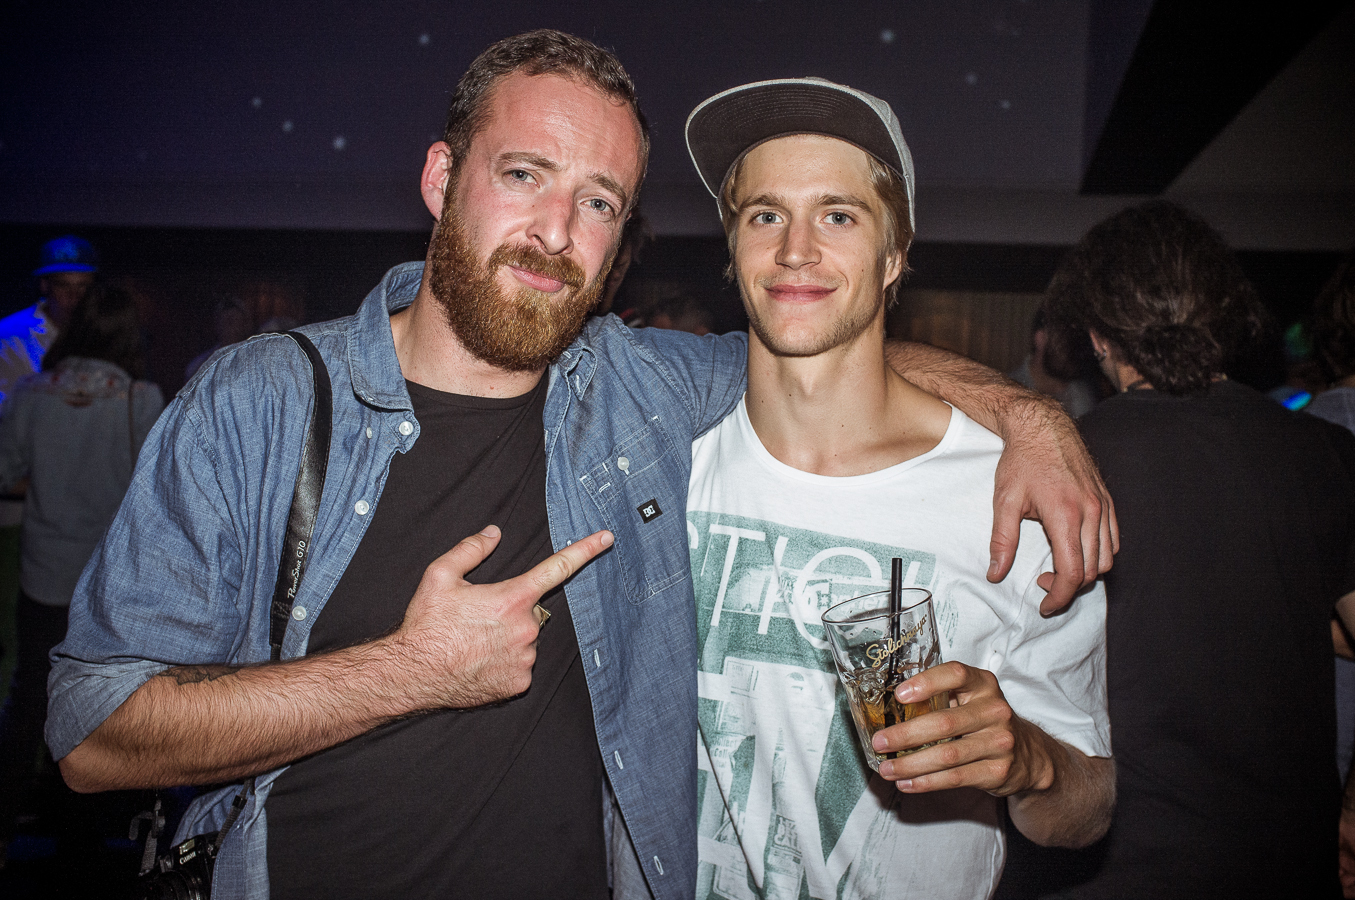 Julien Perly from Snowsurf Magazine & Mat Schaer